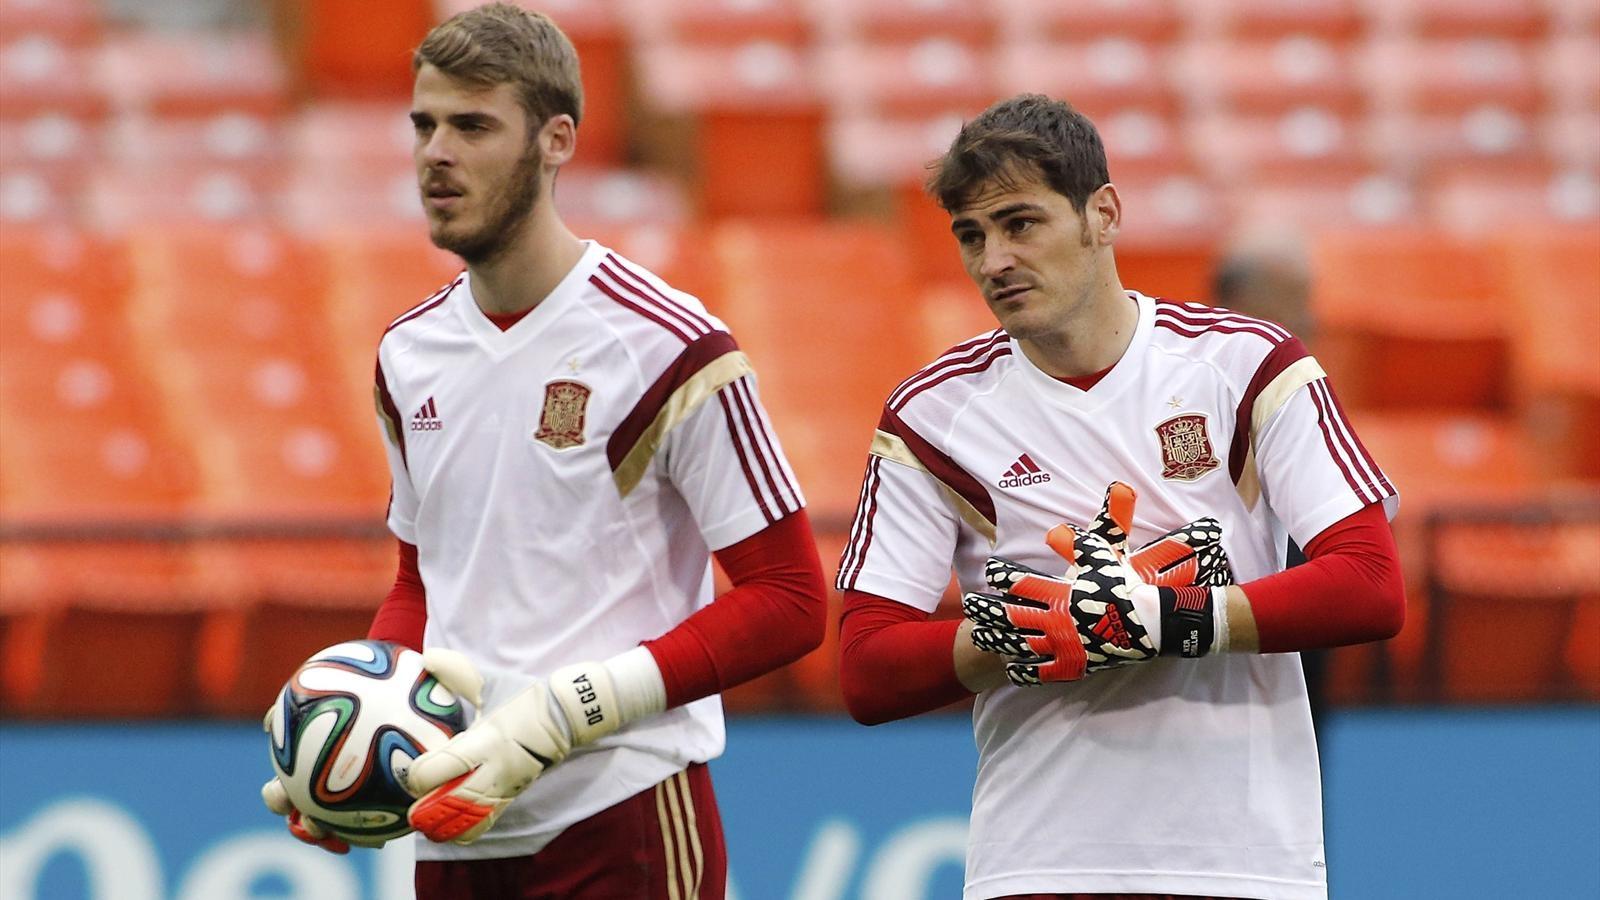 HLV Del Bosque sẽ lựa chọn De Gea hoặc Casillas bắt chính ở Euro 2016